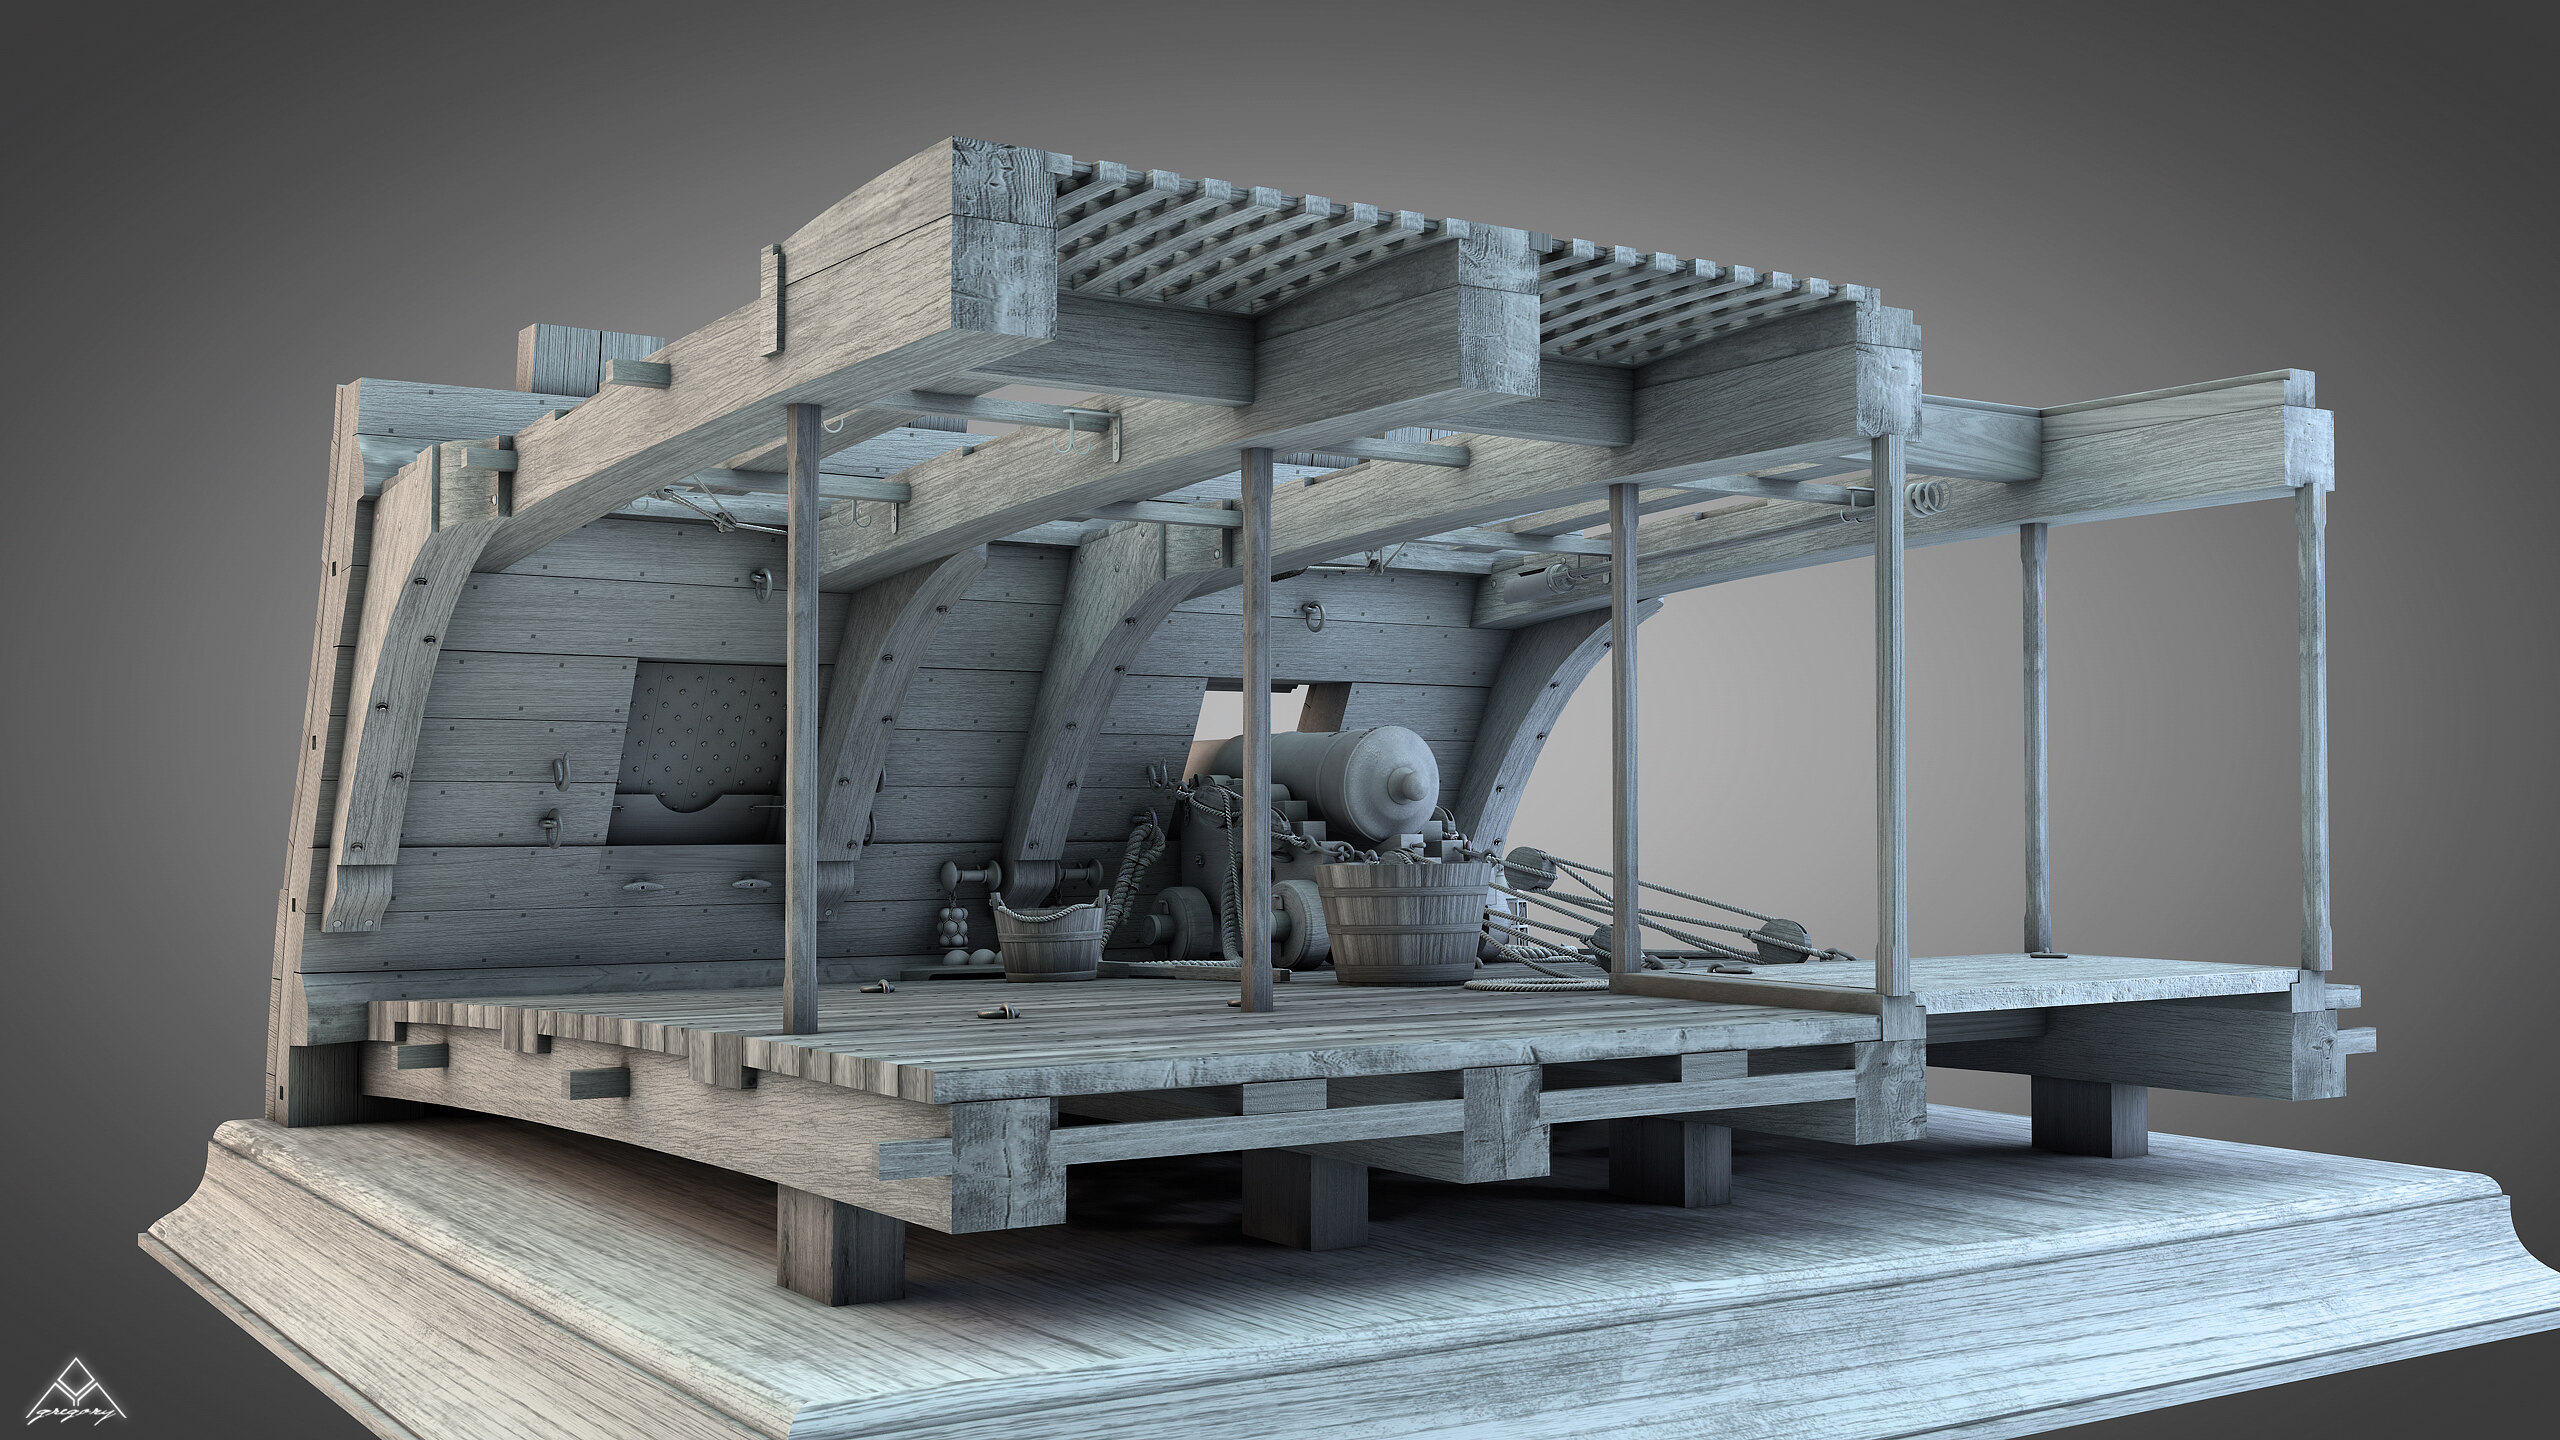 Canons de vaisseau 74 canons (Création 3D) par Greg_3D - Page 9 Gregor54